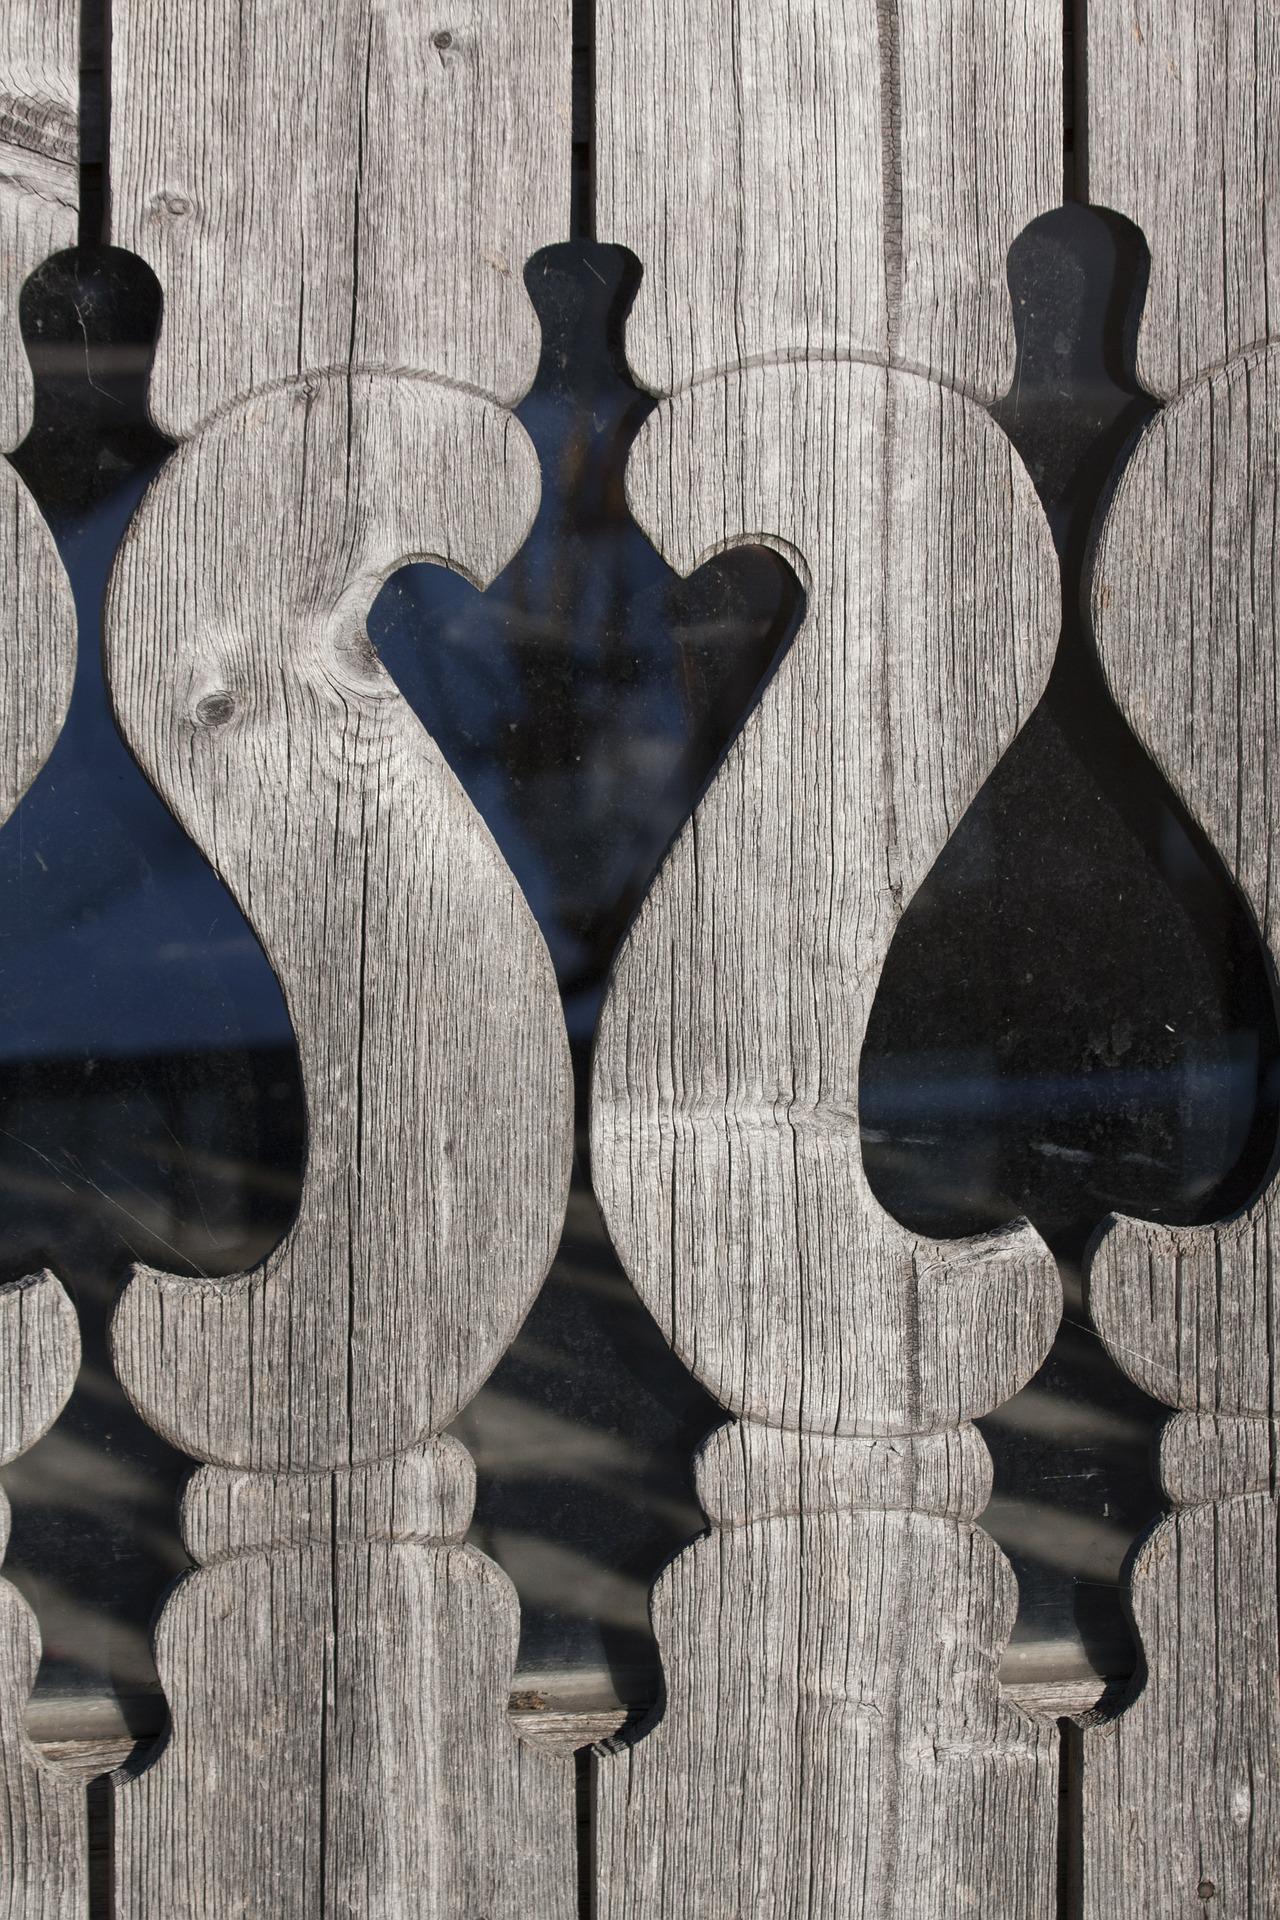 Wooden design photo